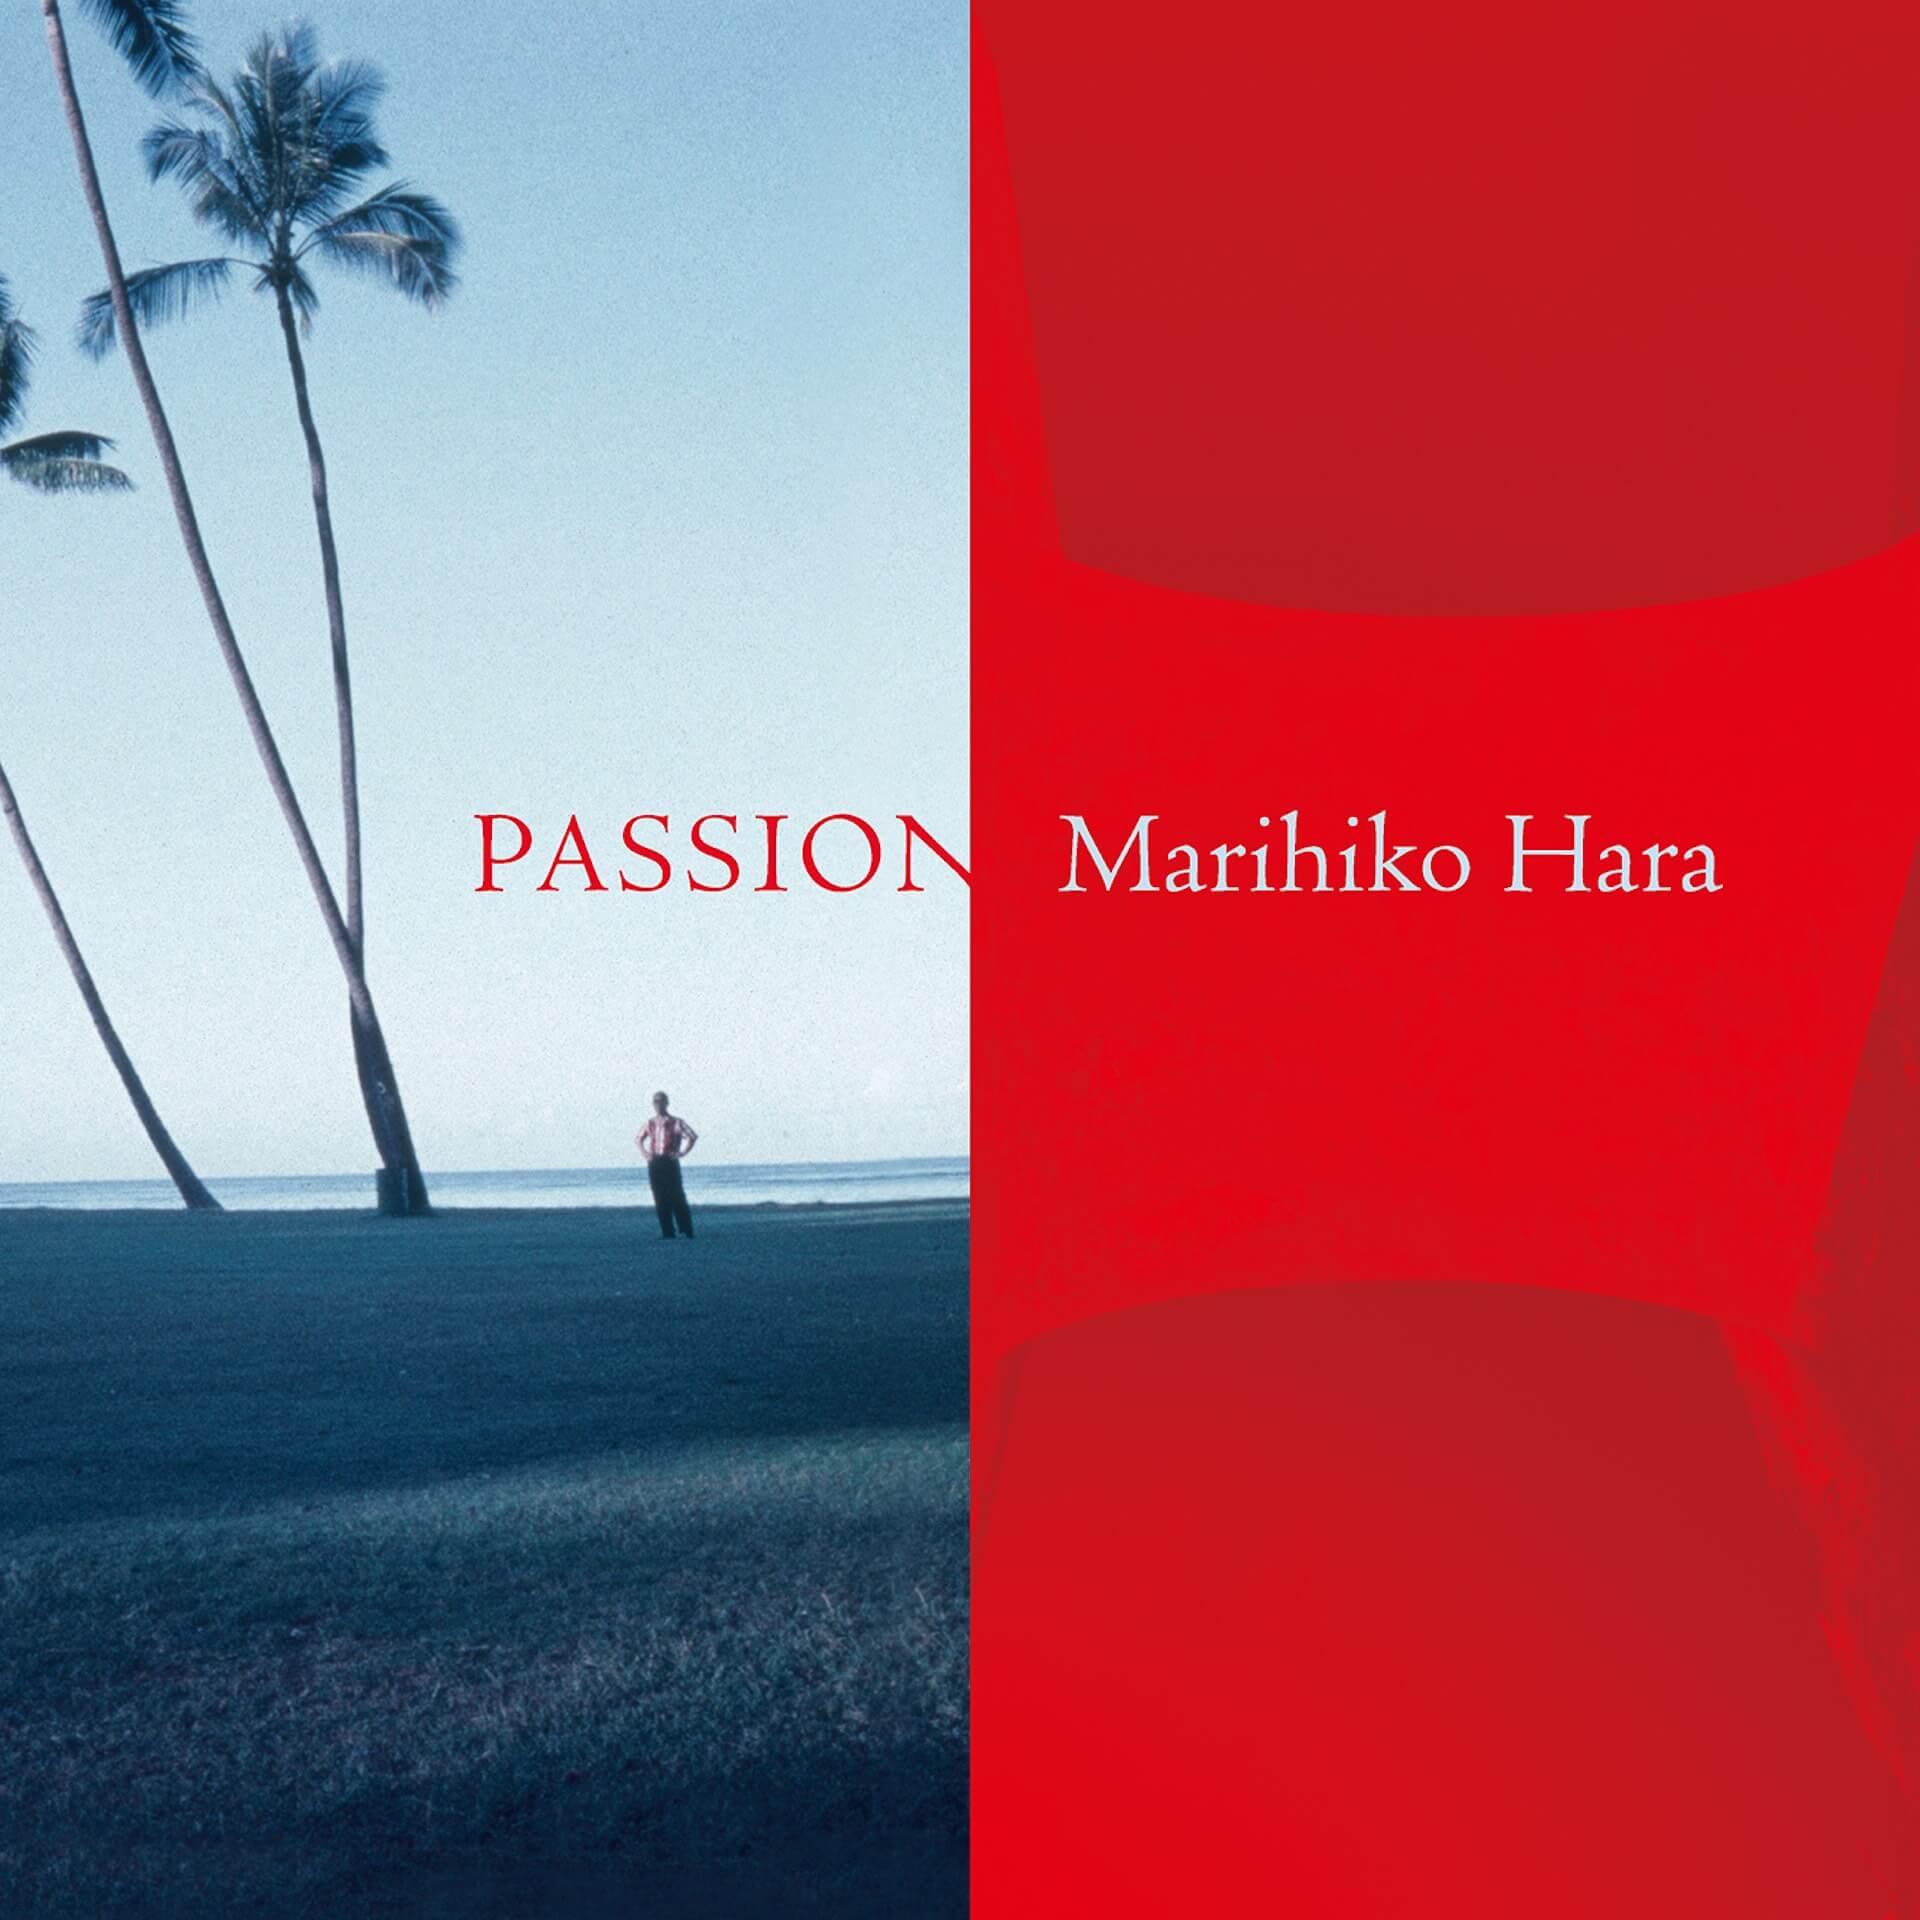 原 摩利彦の最新作『PASSION』より、森山未來参加の表題曲MVが公開!購入者特典はスコット・ウォーカーのカバー収録CD music200514_haramarihiko_mv_01